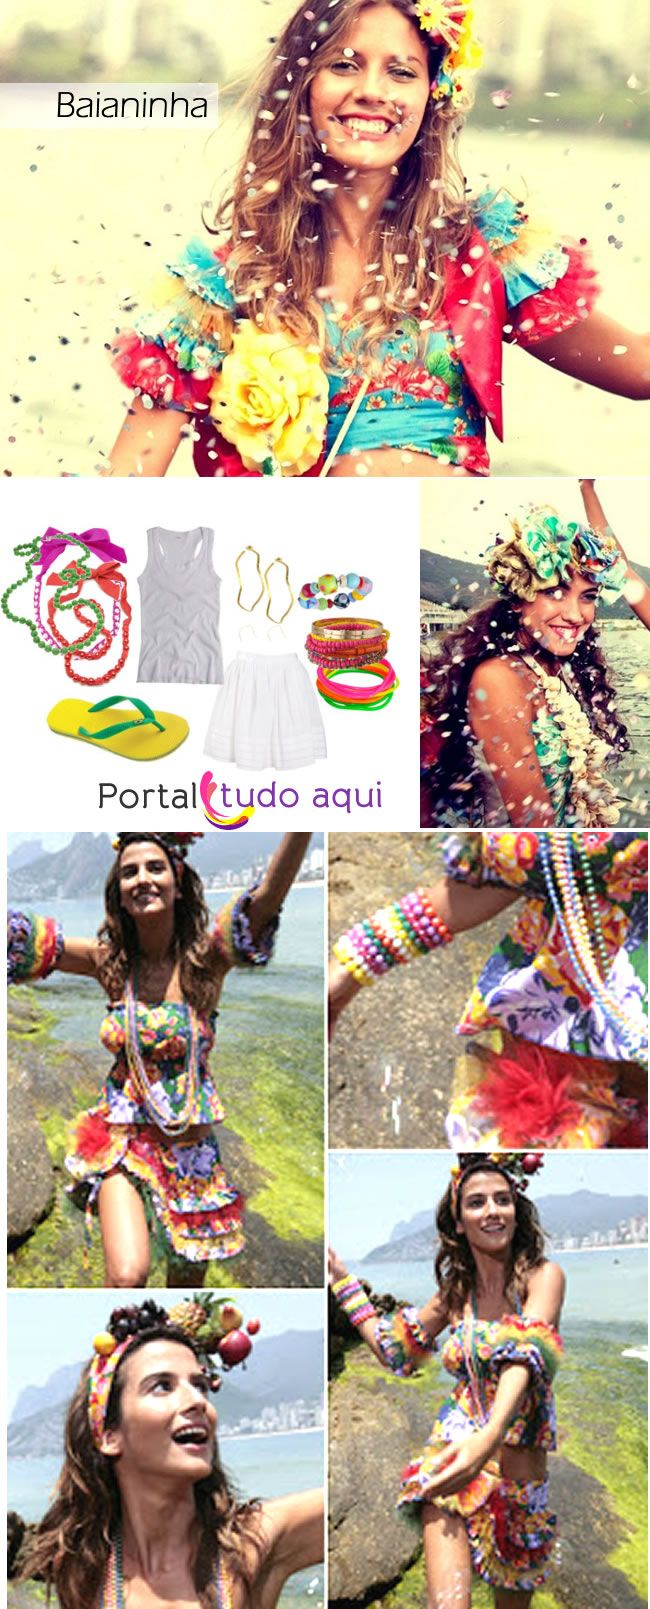 Fantasia improvisada e fácil de fazer para o carnaval 2013 | Portal Tudo Aqui